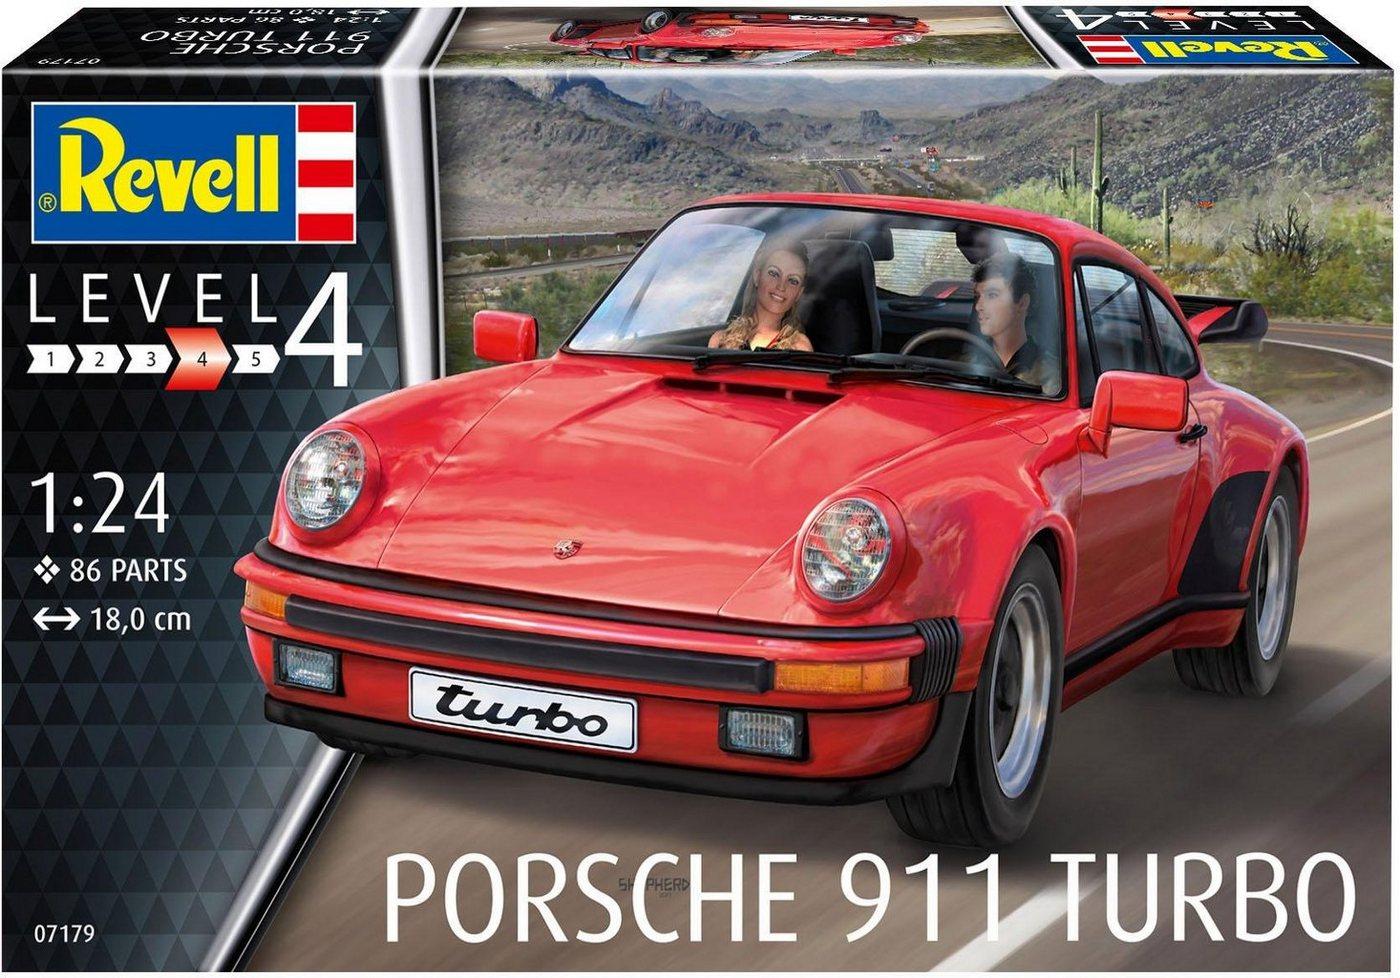 Revell Modellbausatz Auto mit Zubehör Maßstab 1:24, »Model Set Porsche 911 Turbo«